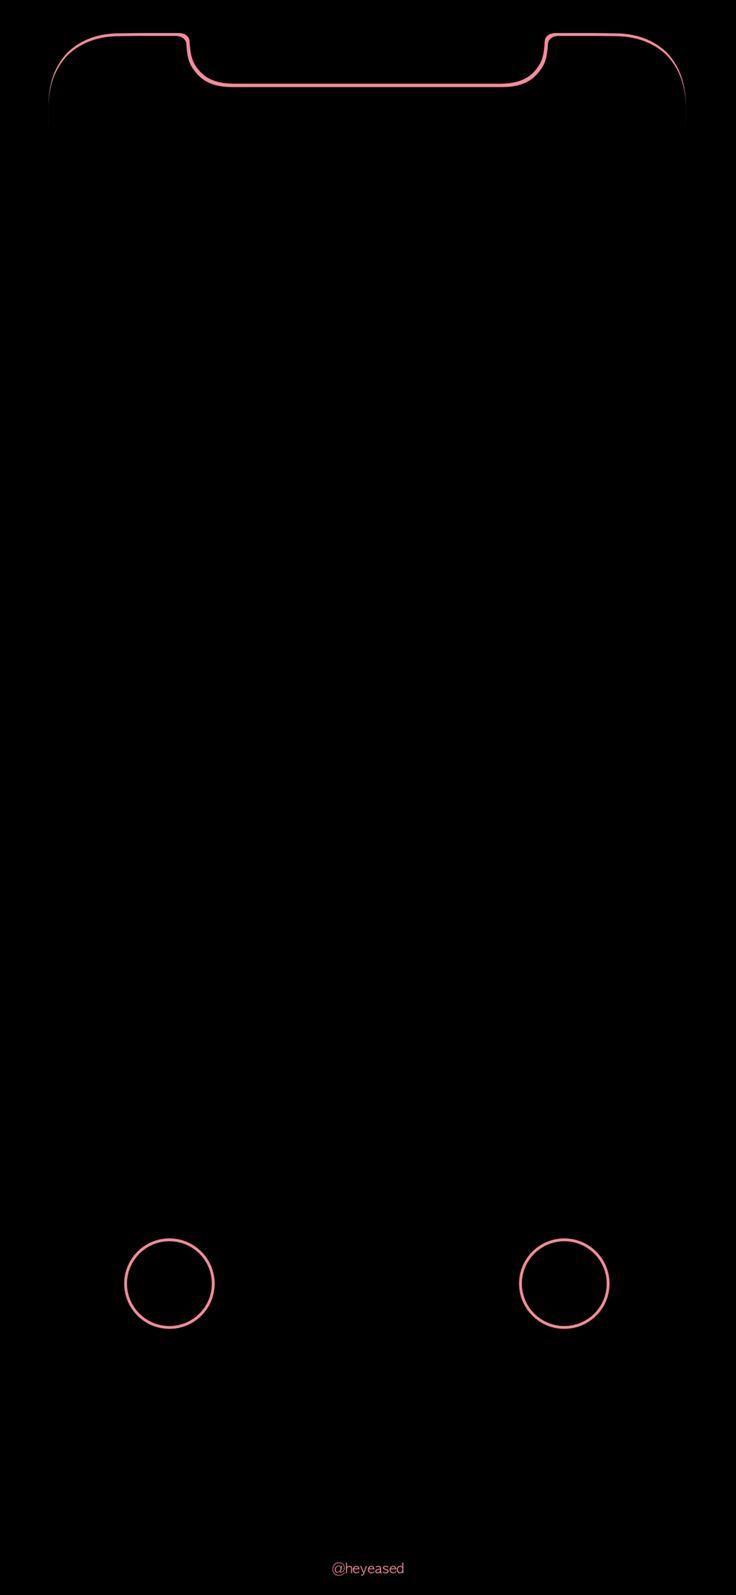 592f59c3a4626a0c4bd5837aa4805ba0